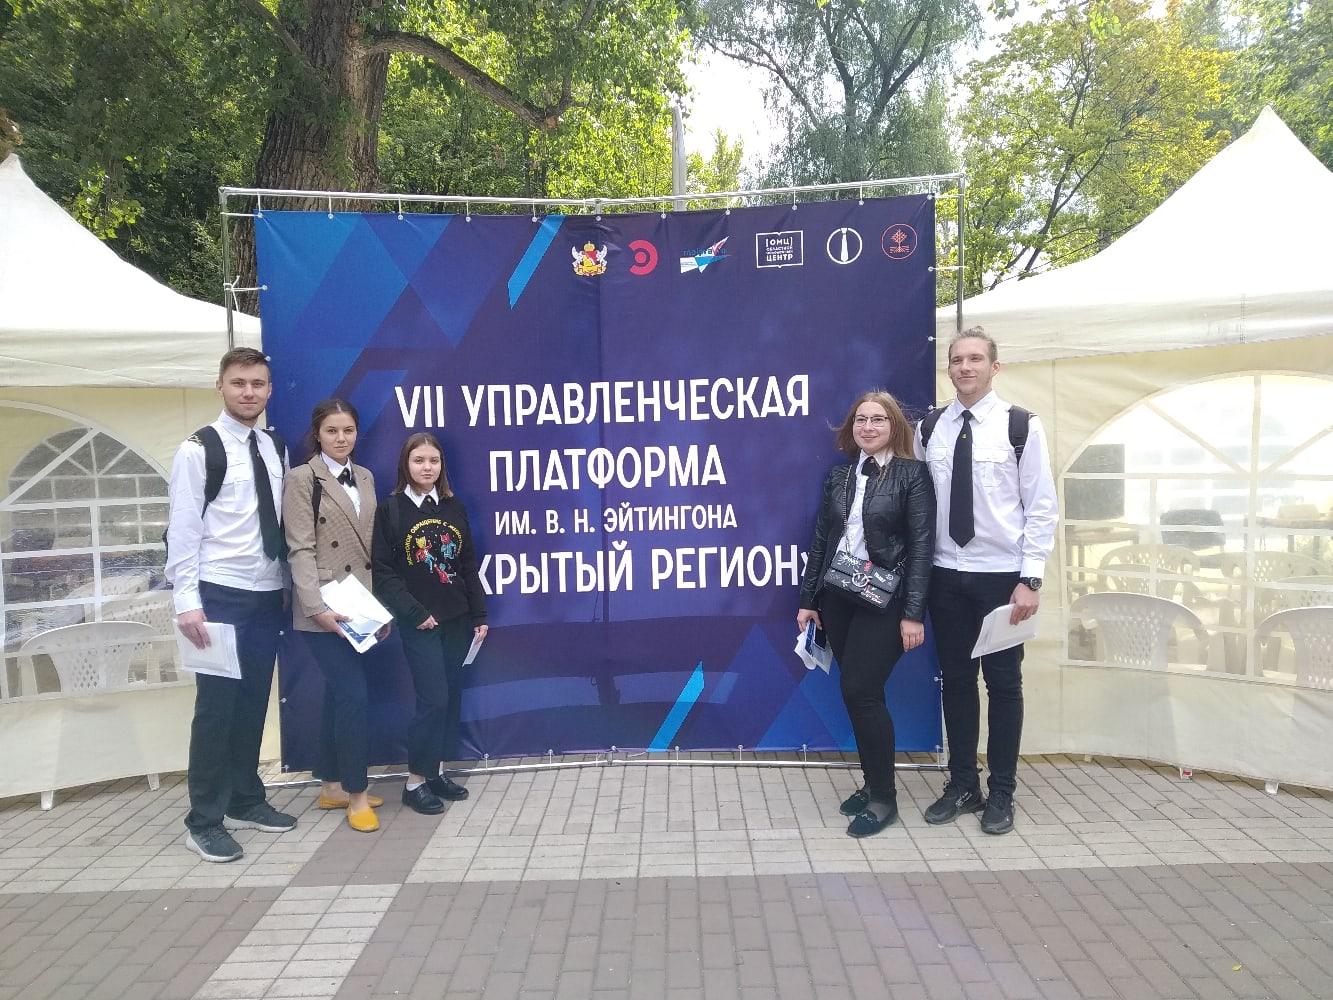 VII-ой Управленческая платформа имени В. Н. Эйтингона